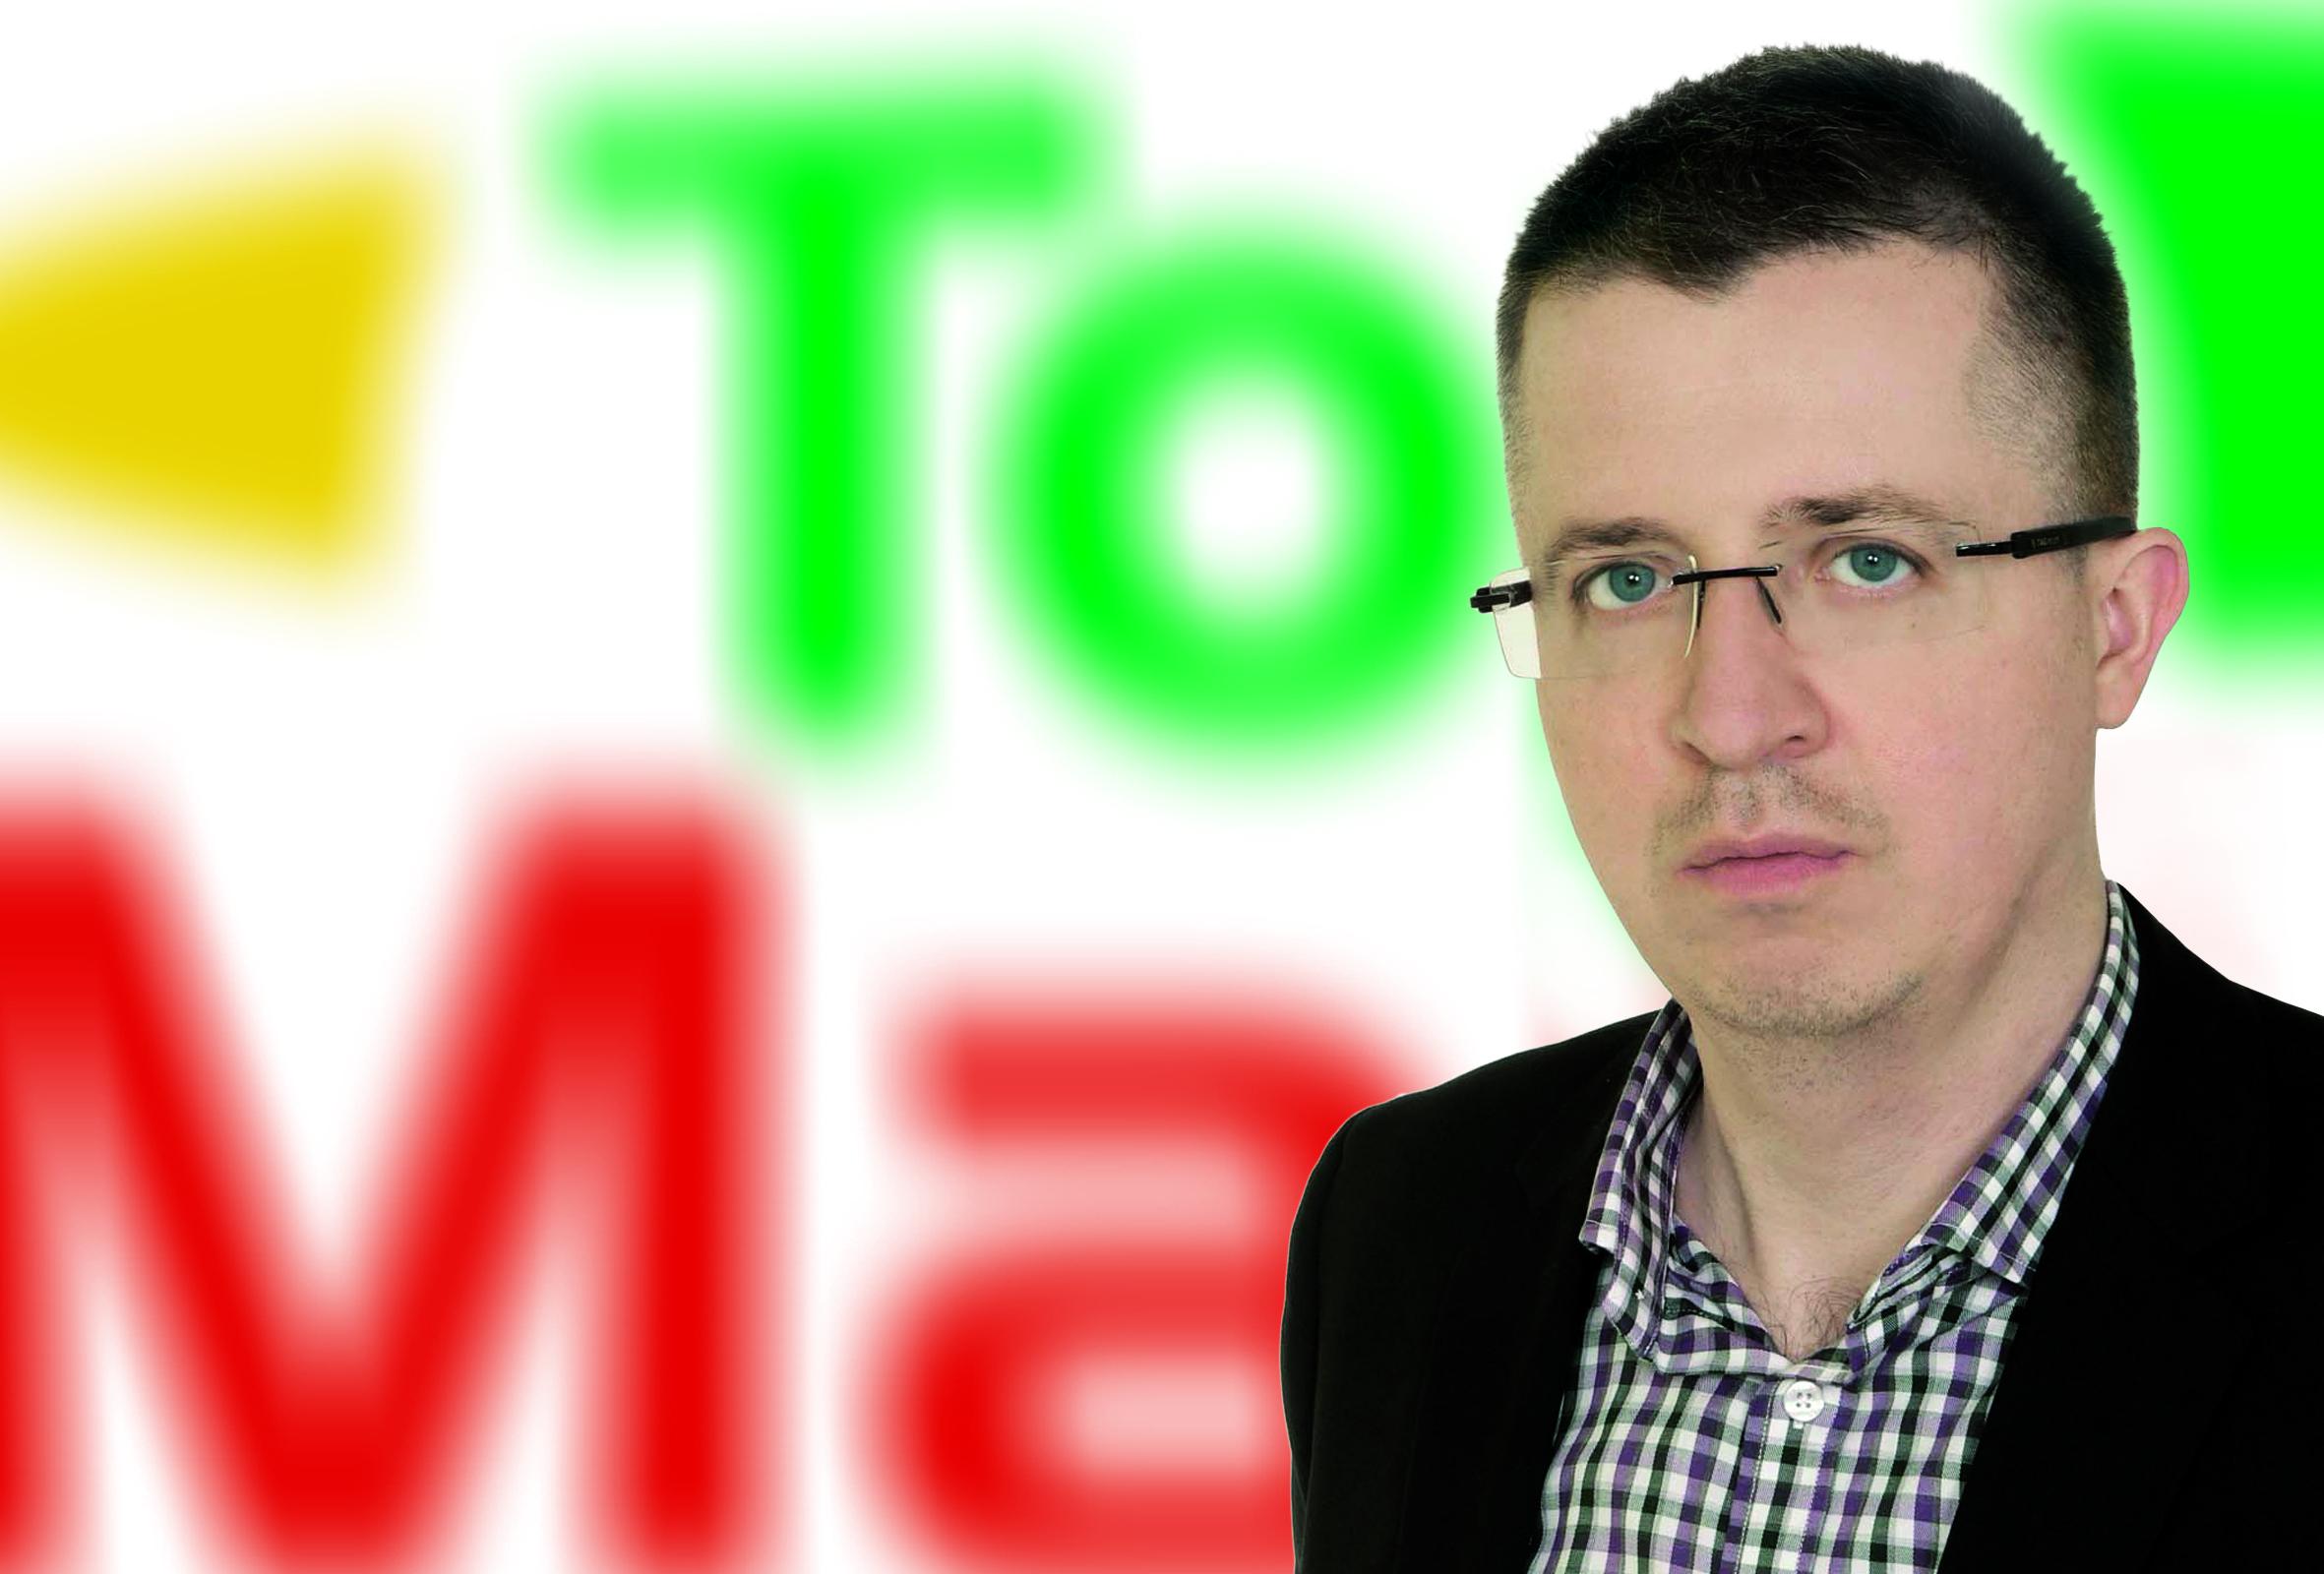 Polska Grupa Supermarketów – Jesteśmy za zakazem handlu w niedziele